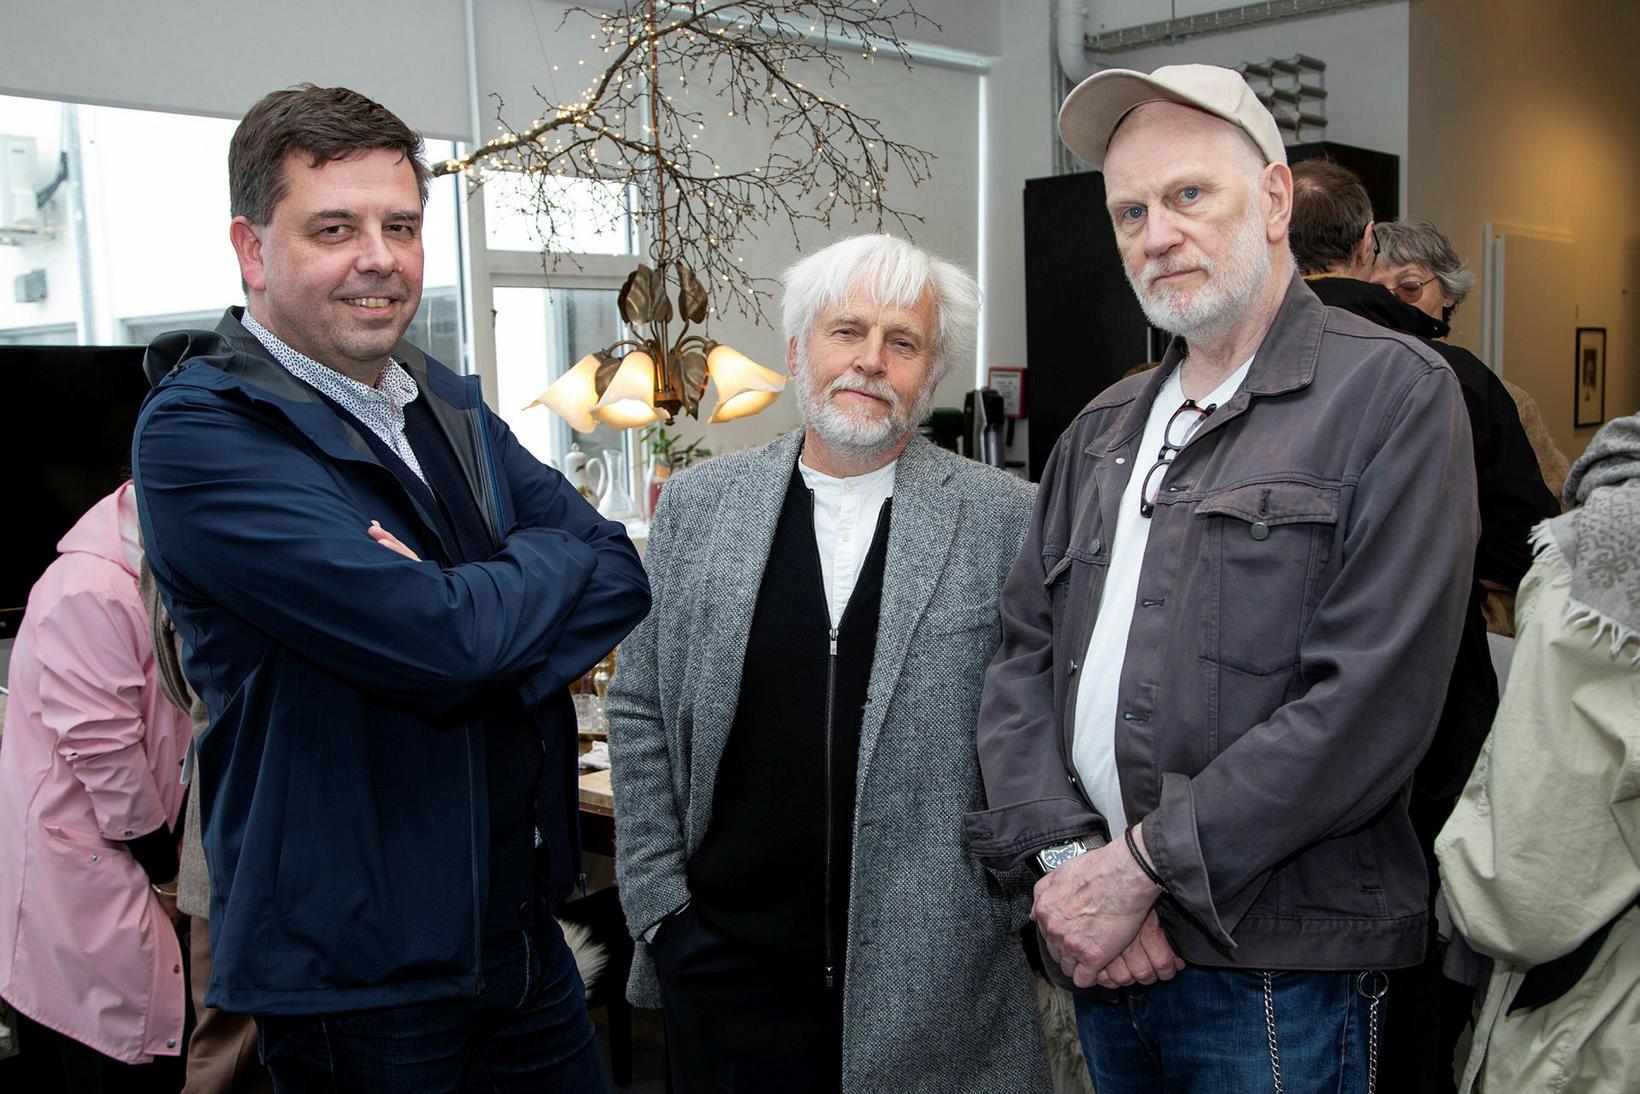 Ásmundur Hrafn Sturluson, Helgi Gíslason og Ívar Valgarðsson.